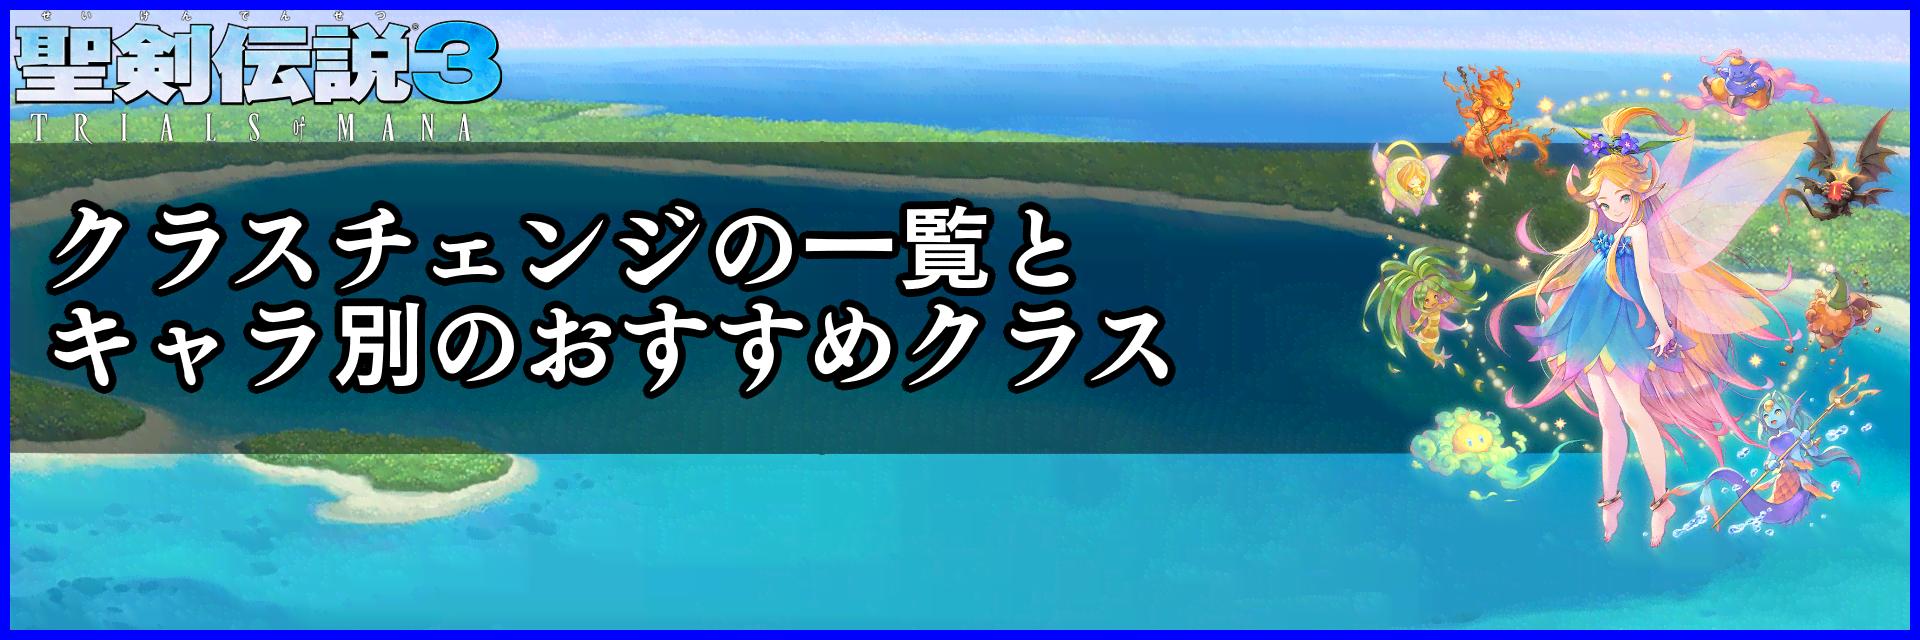 精 剣 伝説 3 リメイク 攻略 クラスチェンジ